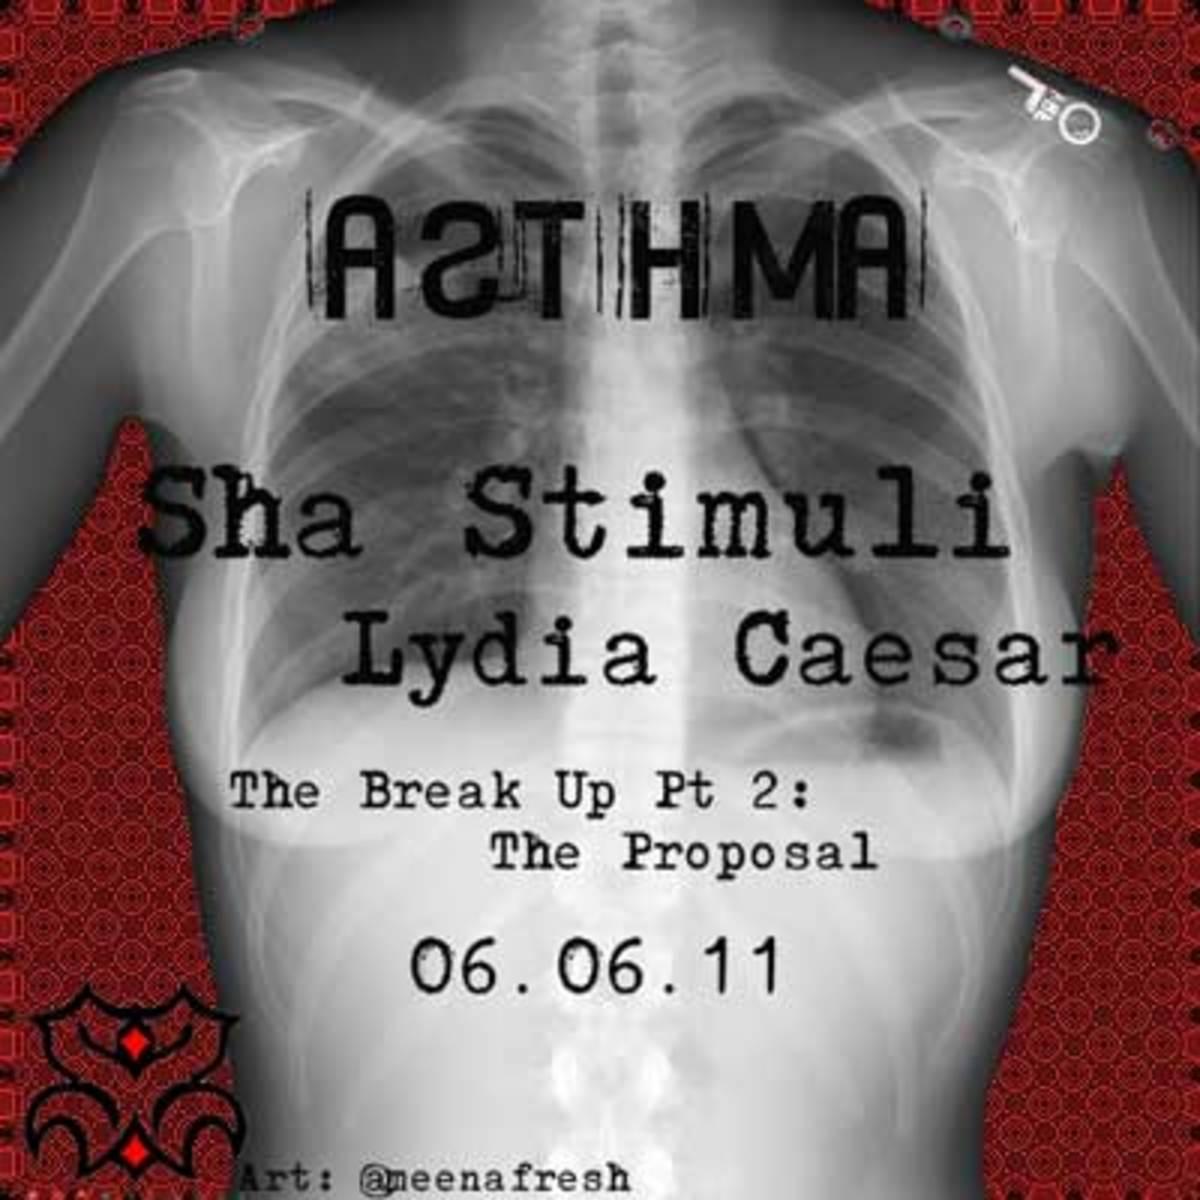 shastimuli-asthma.jpg